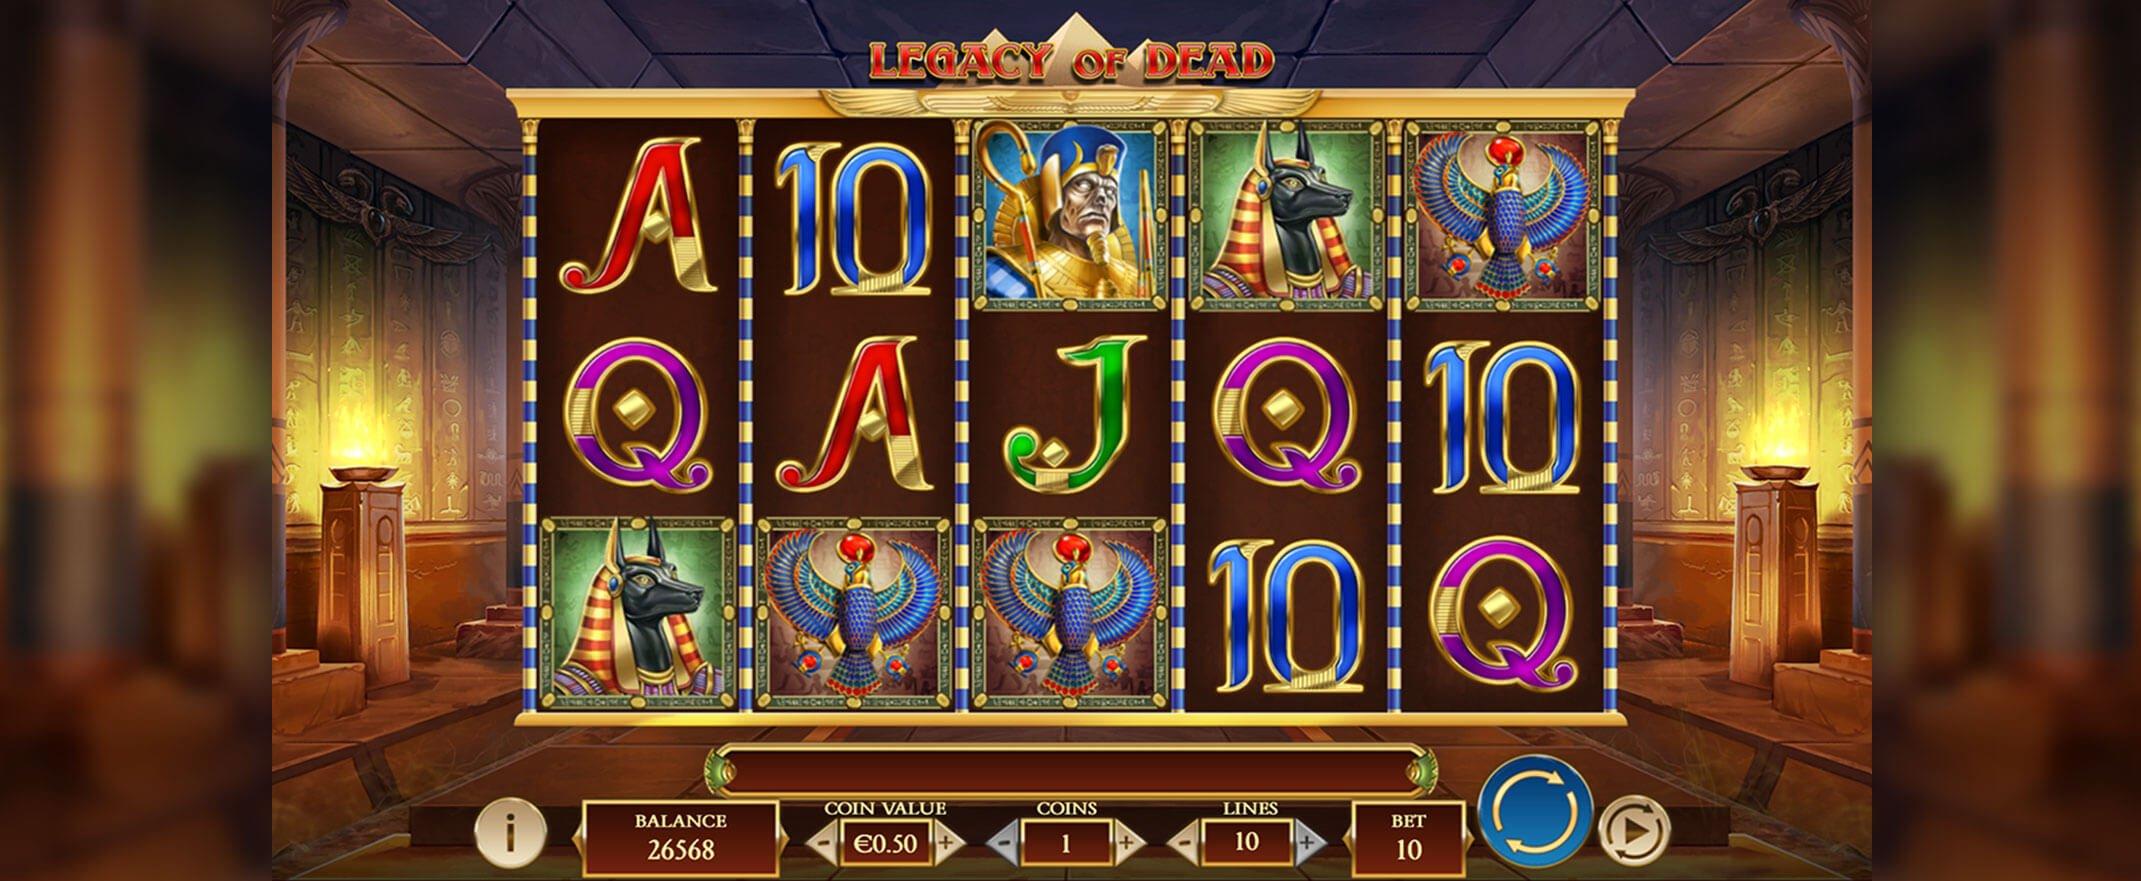 Legacy of Dead casinospel